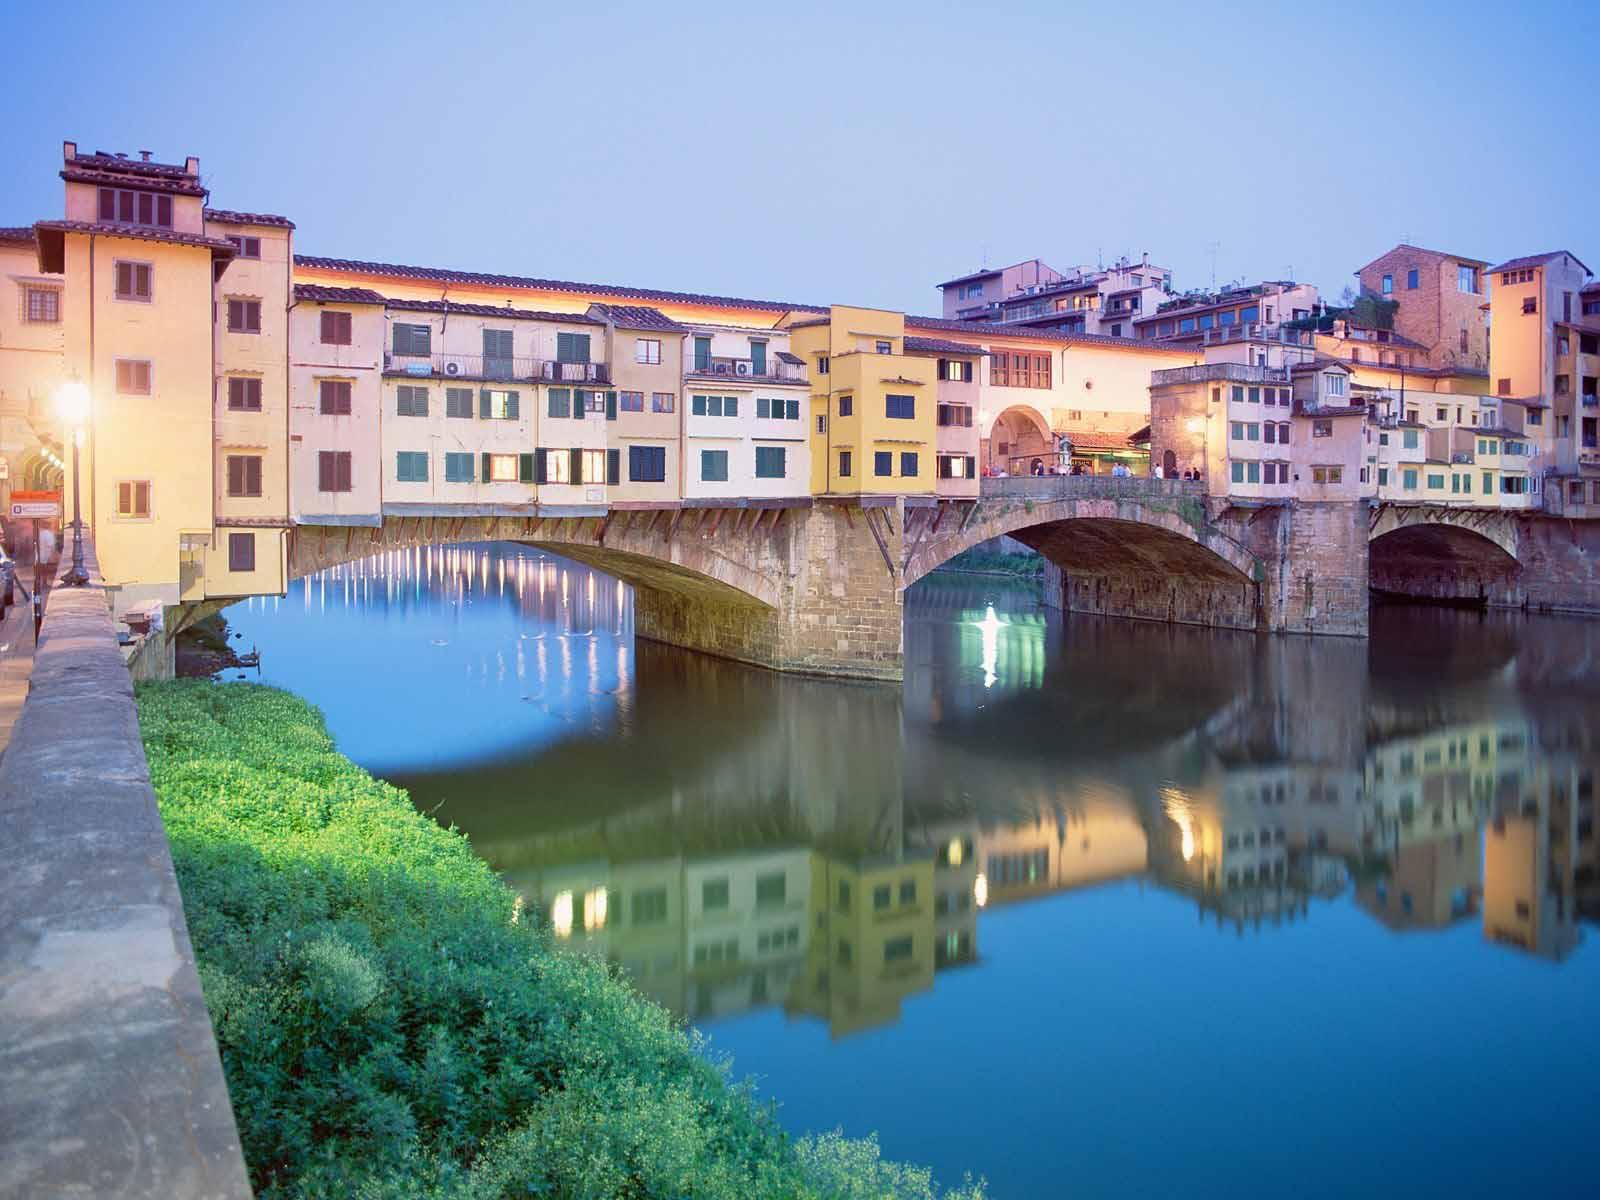 Понте Веккьо - «жилой» мост, соединяющий две эпохи